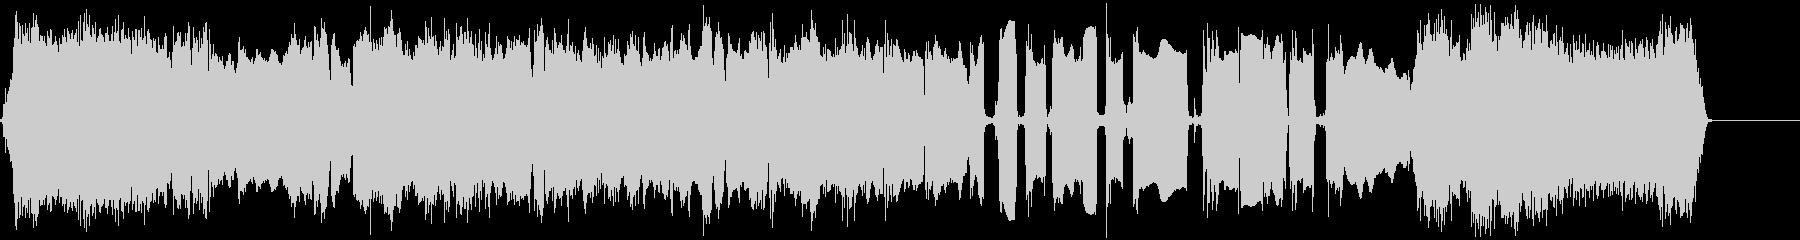 クールなエレキギターアイキャッチ4の未再生の波形